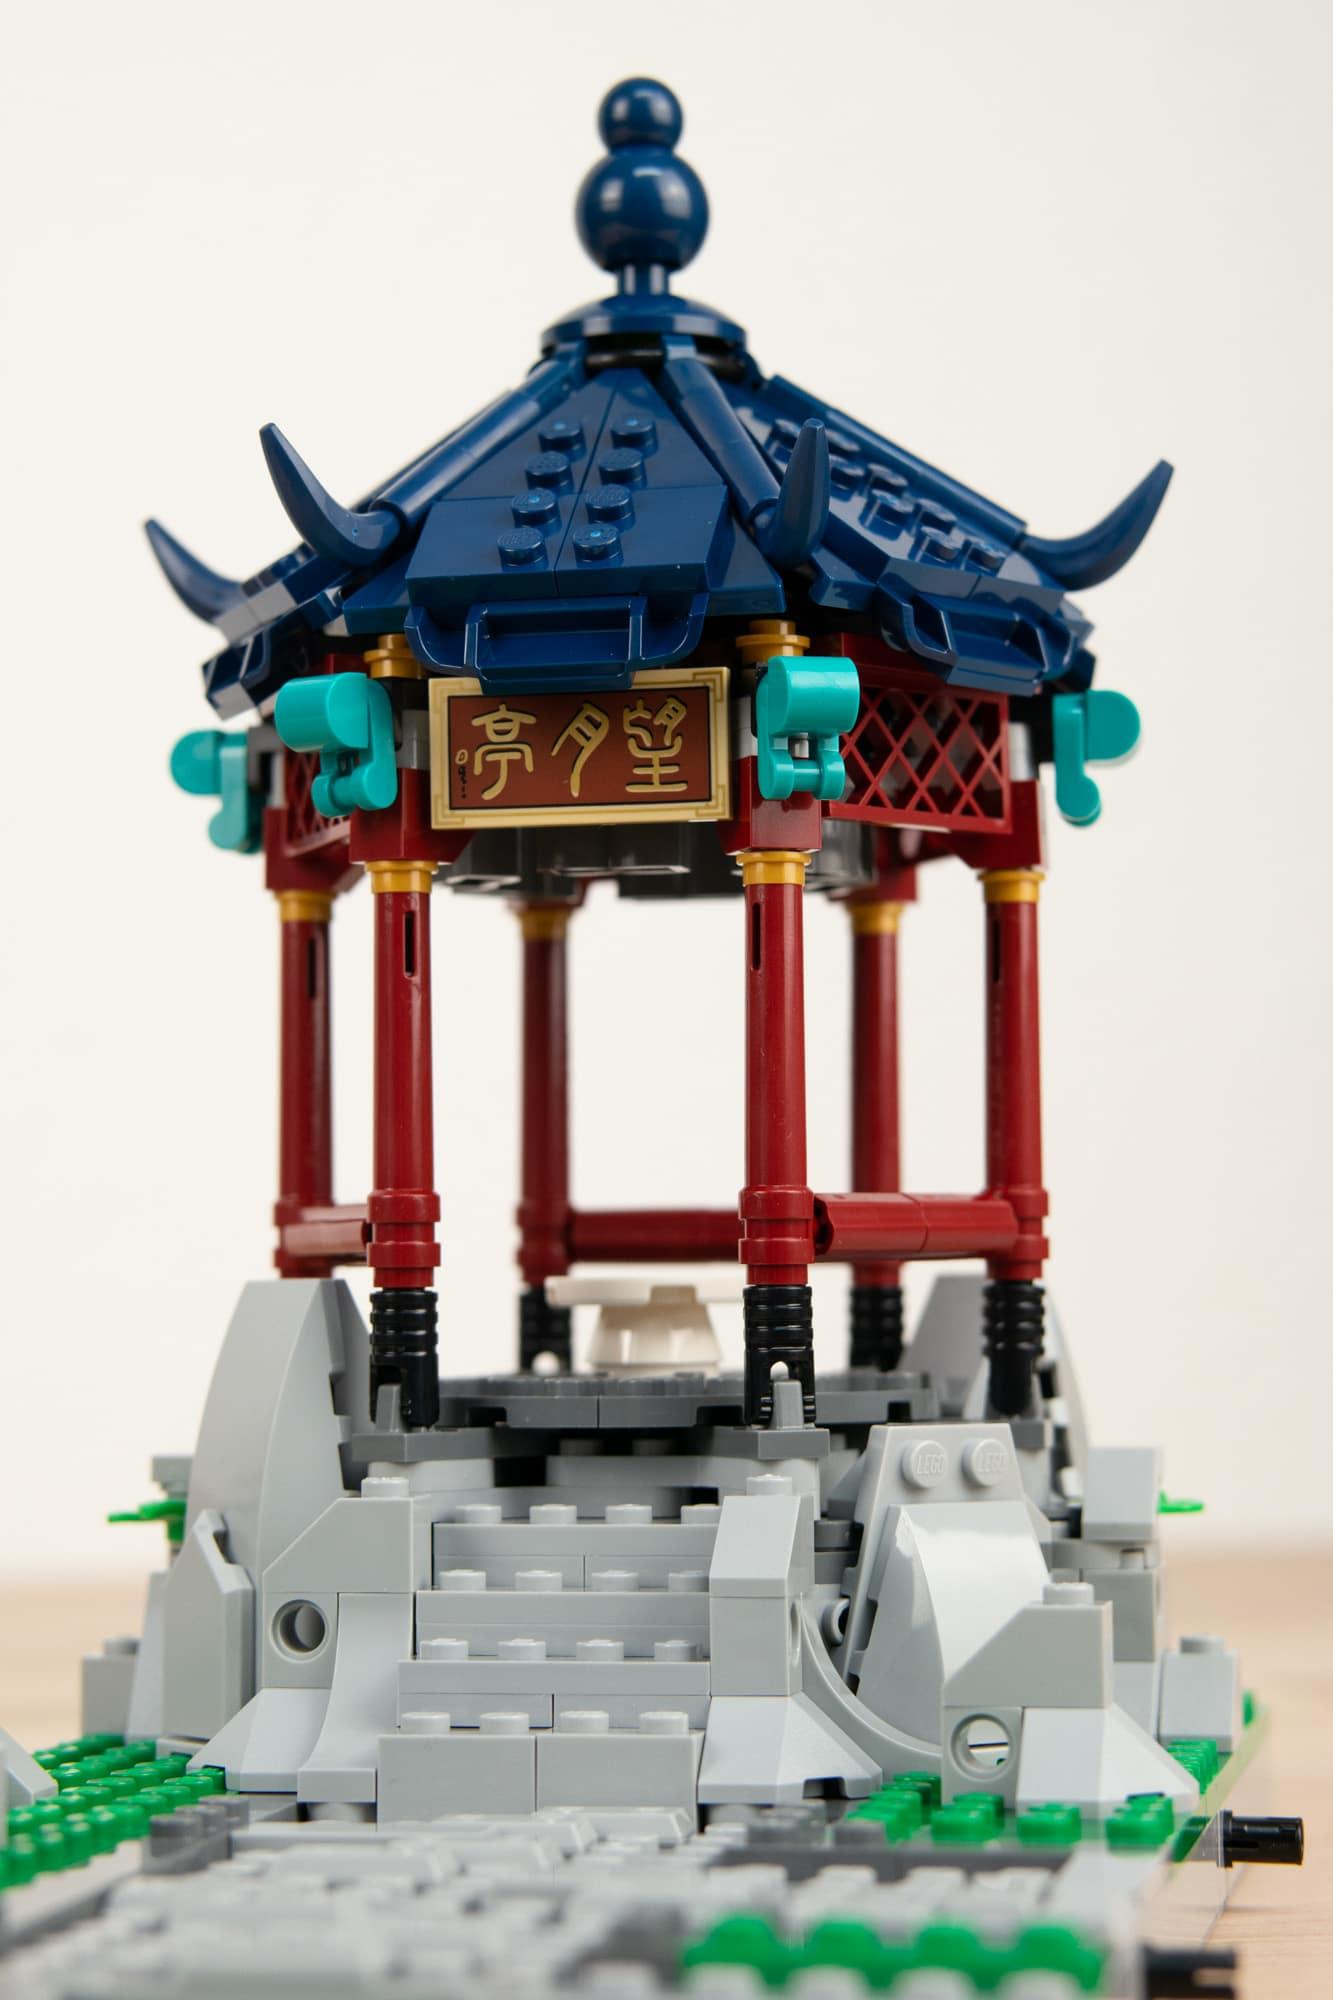 LEGO 80107 Fruehlingslaternenfest Chinesisches Neujahr 52